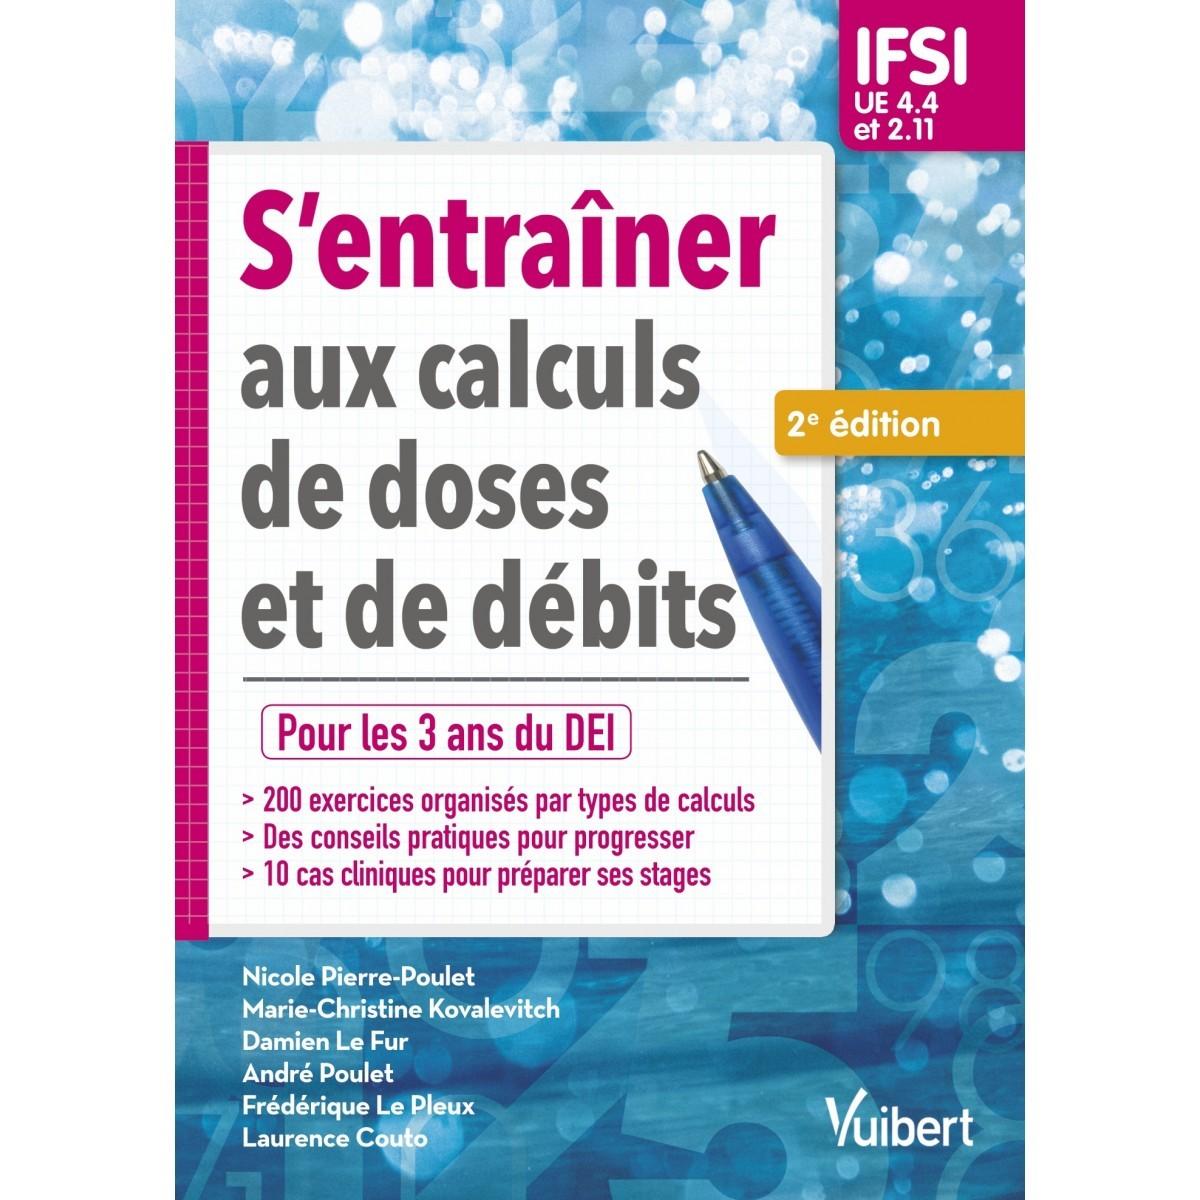 S'entraîner aux calculs de doses et de débits, IFSI, 2020 ...